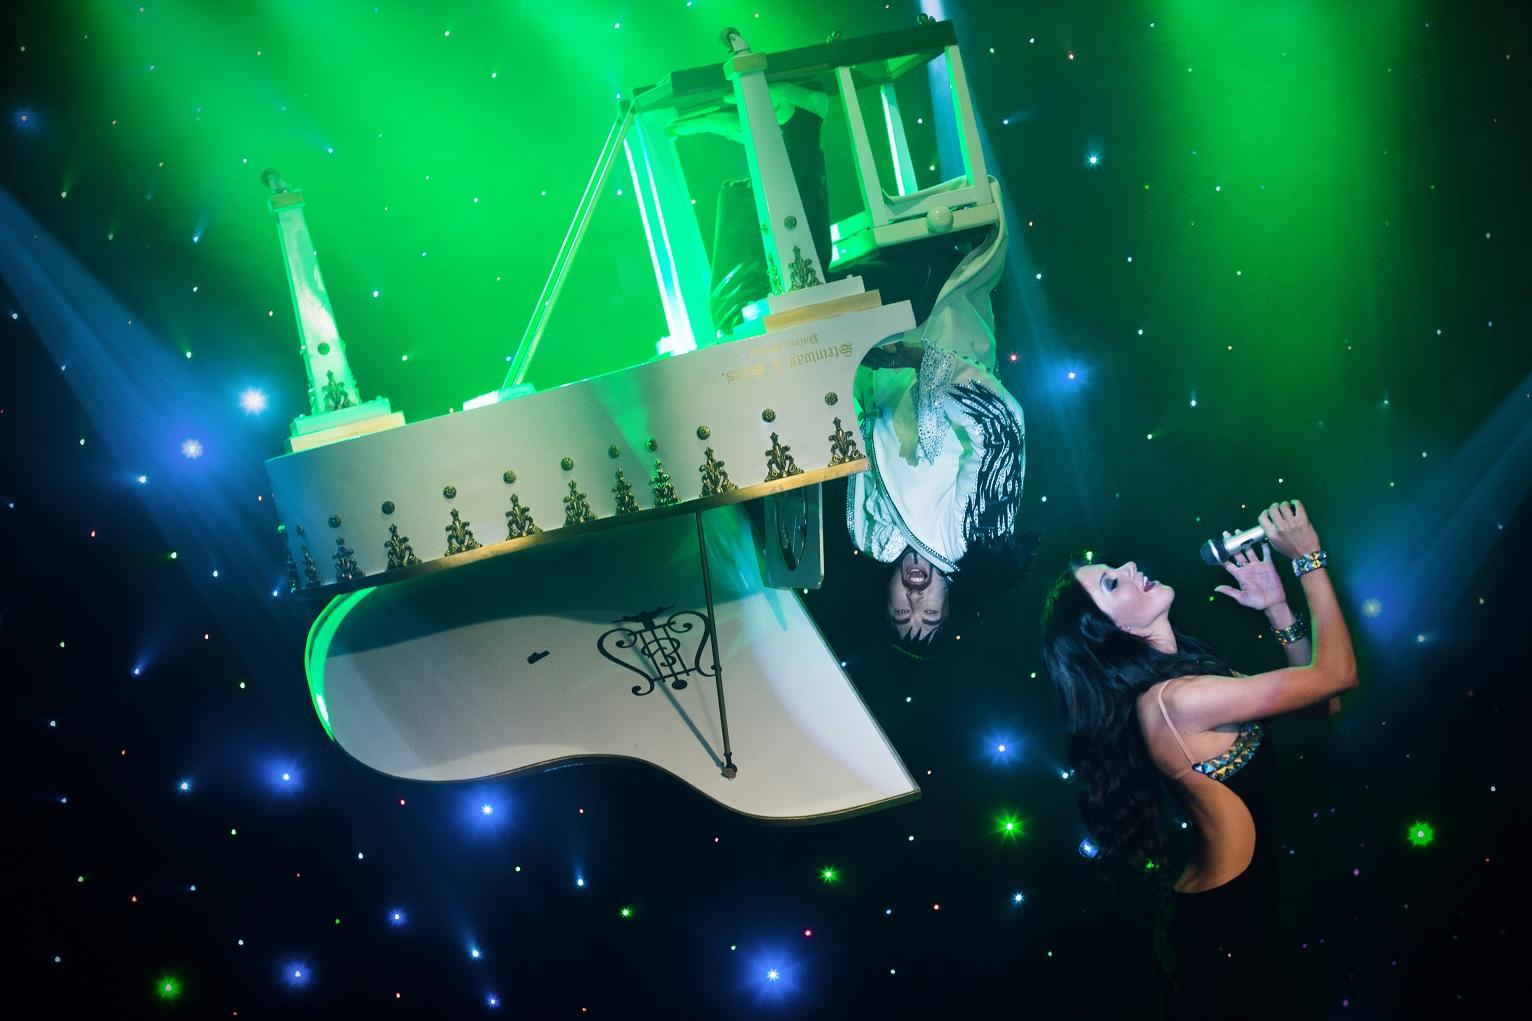 iluzjonista Marcin Muszynski, iluzja, Magia, latajacy fortepian, lewitacja pianisty z foprtepianem, iluzjonisci